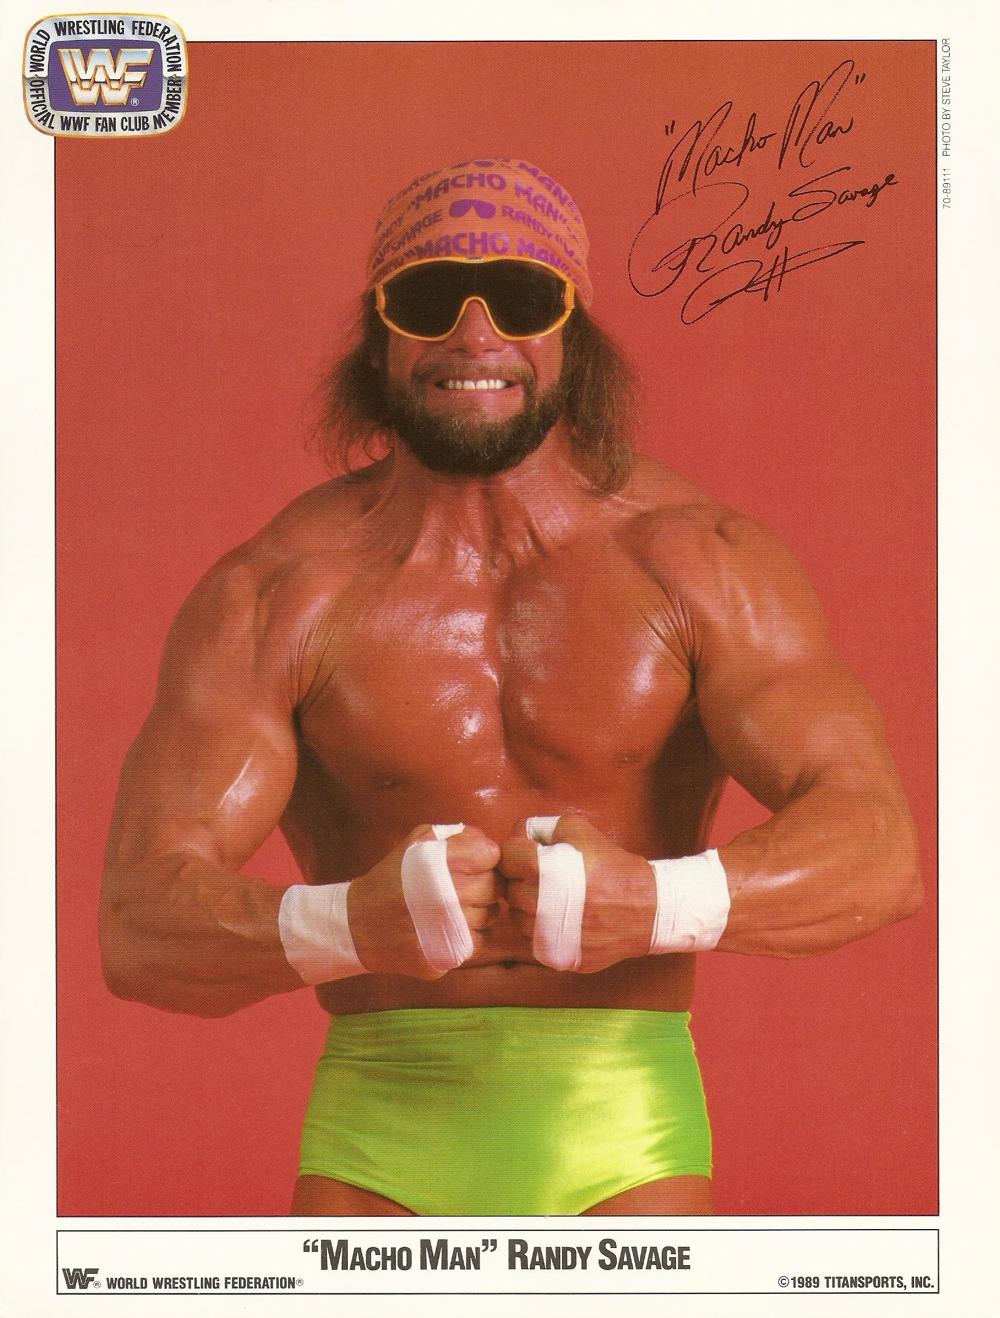 Macho Man Randy Savage _Fan Club_ 1989